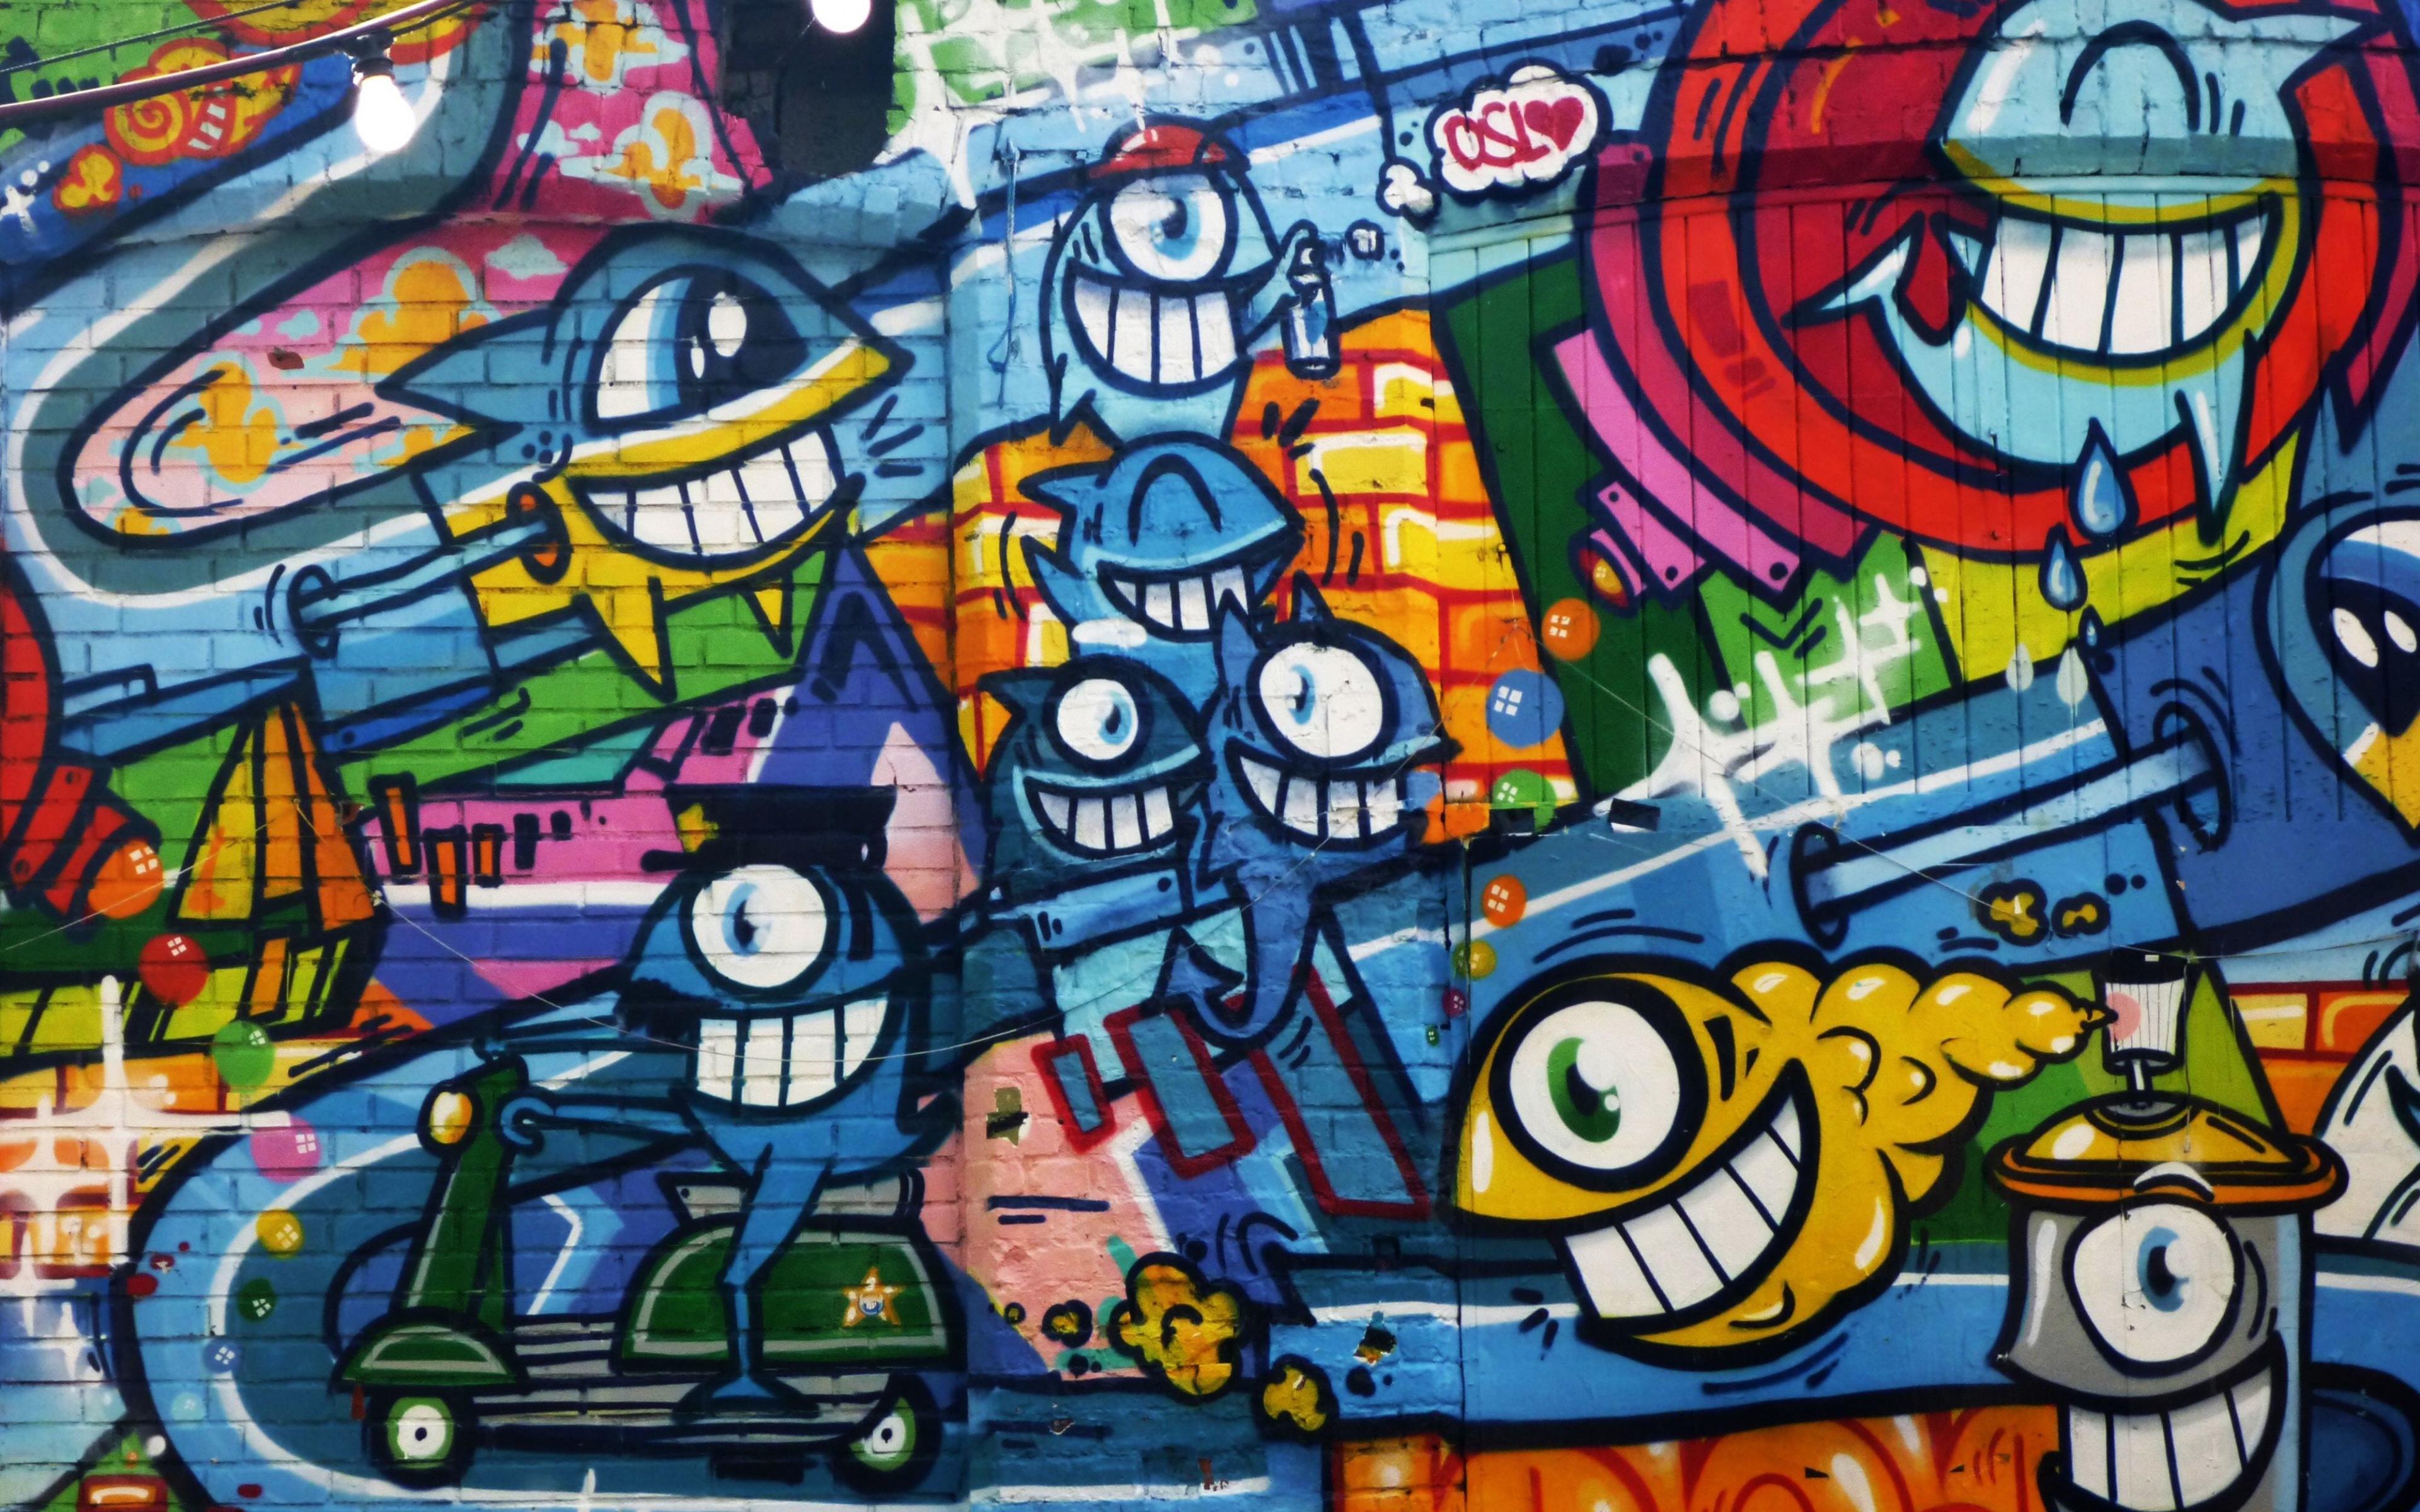 download 3840x2400 wallpaper graffiti, wall art, bright, street wall